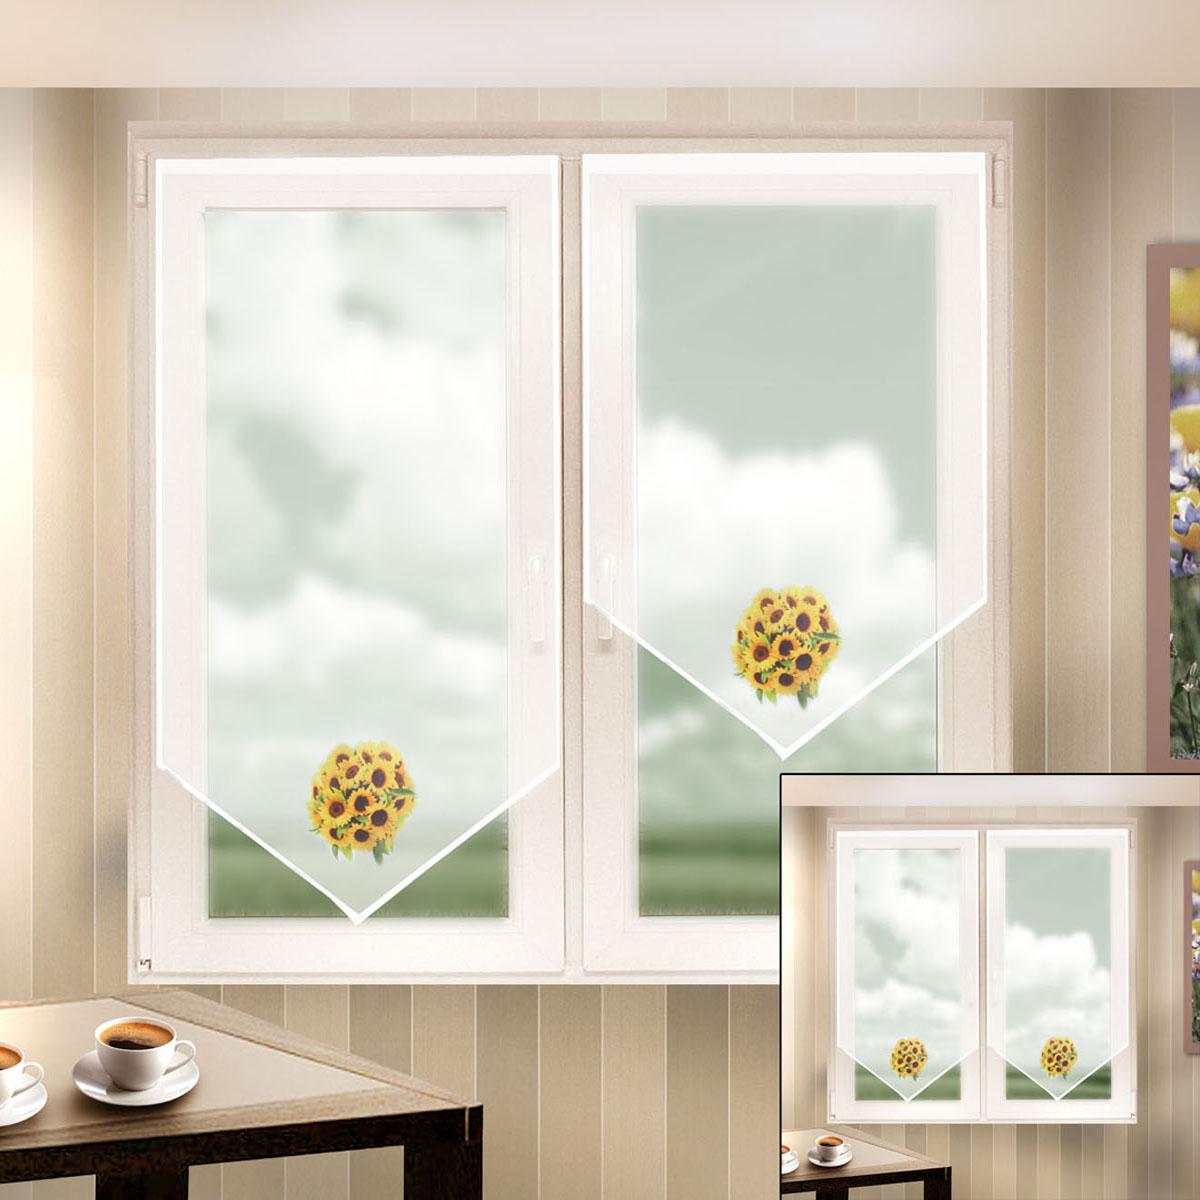 Гардина Zlata Korunka, цвет: белый, высота 120 см. 666058-2666024Шторы из материала вуаль, для кухни, белого цвета с печатным рисунком. Крепление на липкой ленте, не требующее сверления стен и карниза. Многоразовое и мгновенное крепление. Штора - шир.60 х выс.120; Штора - шир.60 х выс.90Размеры: ширина 60* высота 120+ширина 60 высота 90